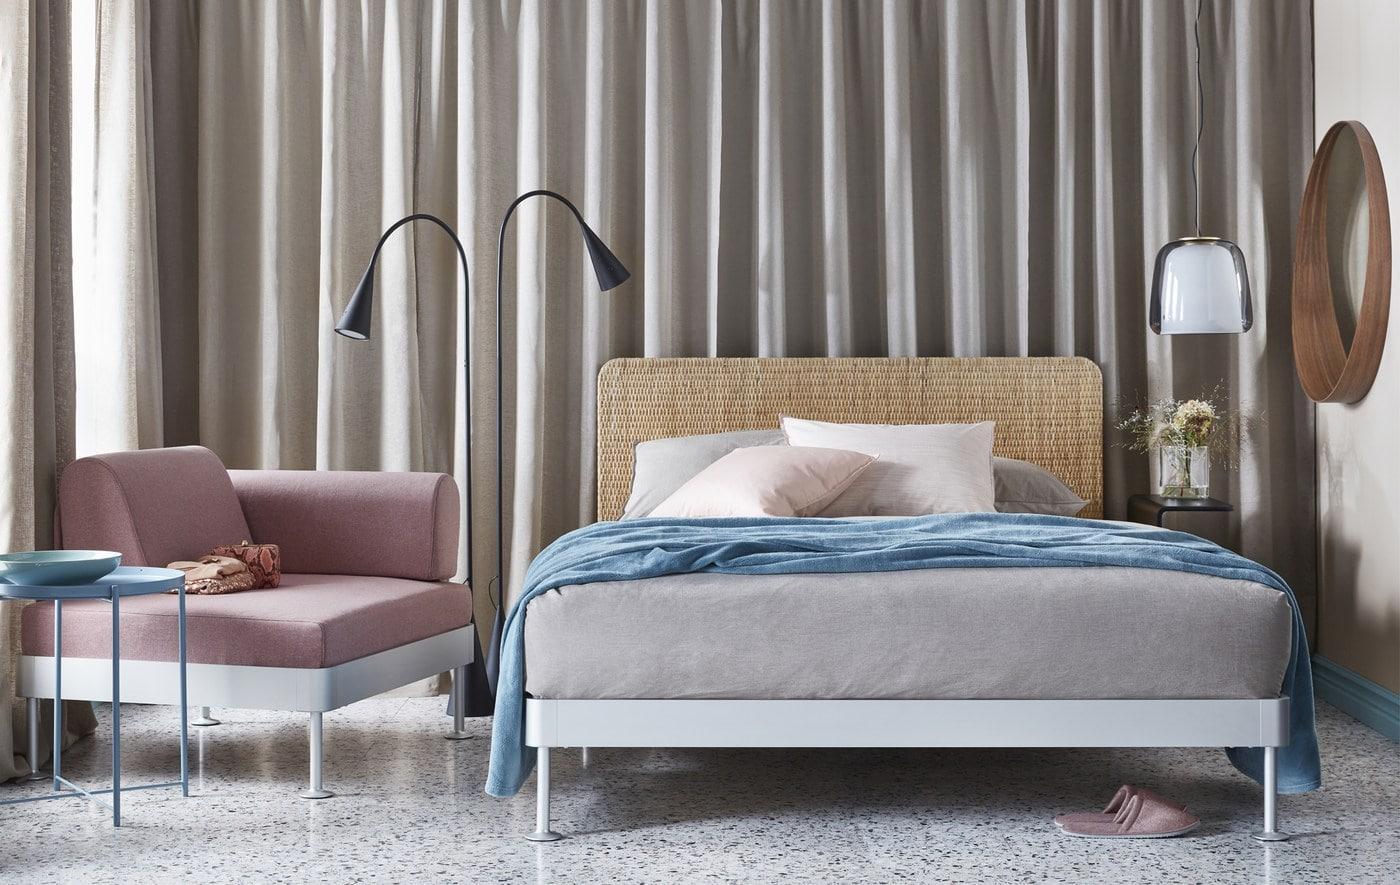 Chambre à coucher dans les tons neutres de gris, de beige et de rose et mettant en vedette une plateforme-lit deux places, un lampadaire et une table de chevet.